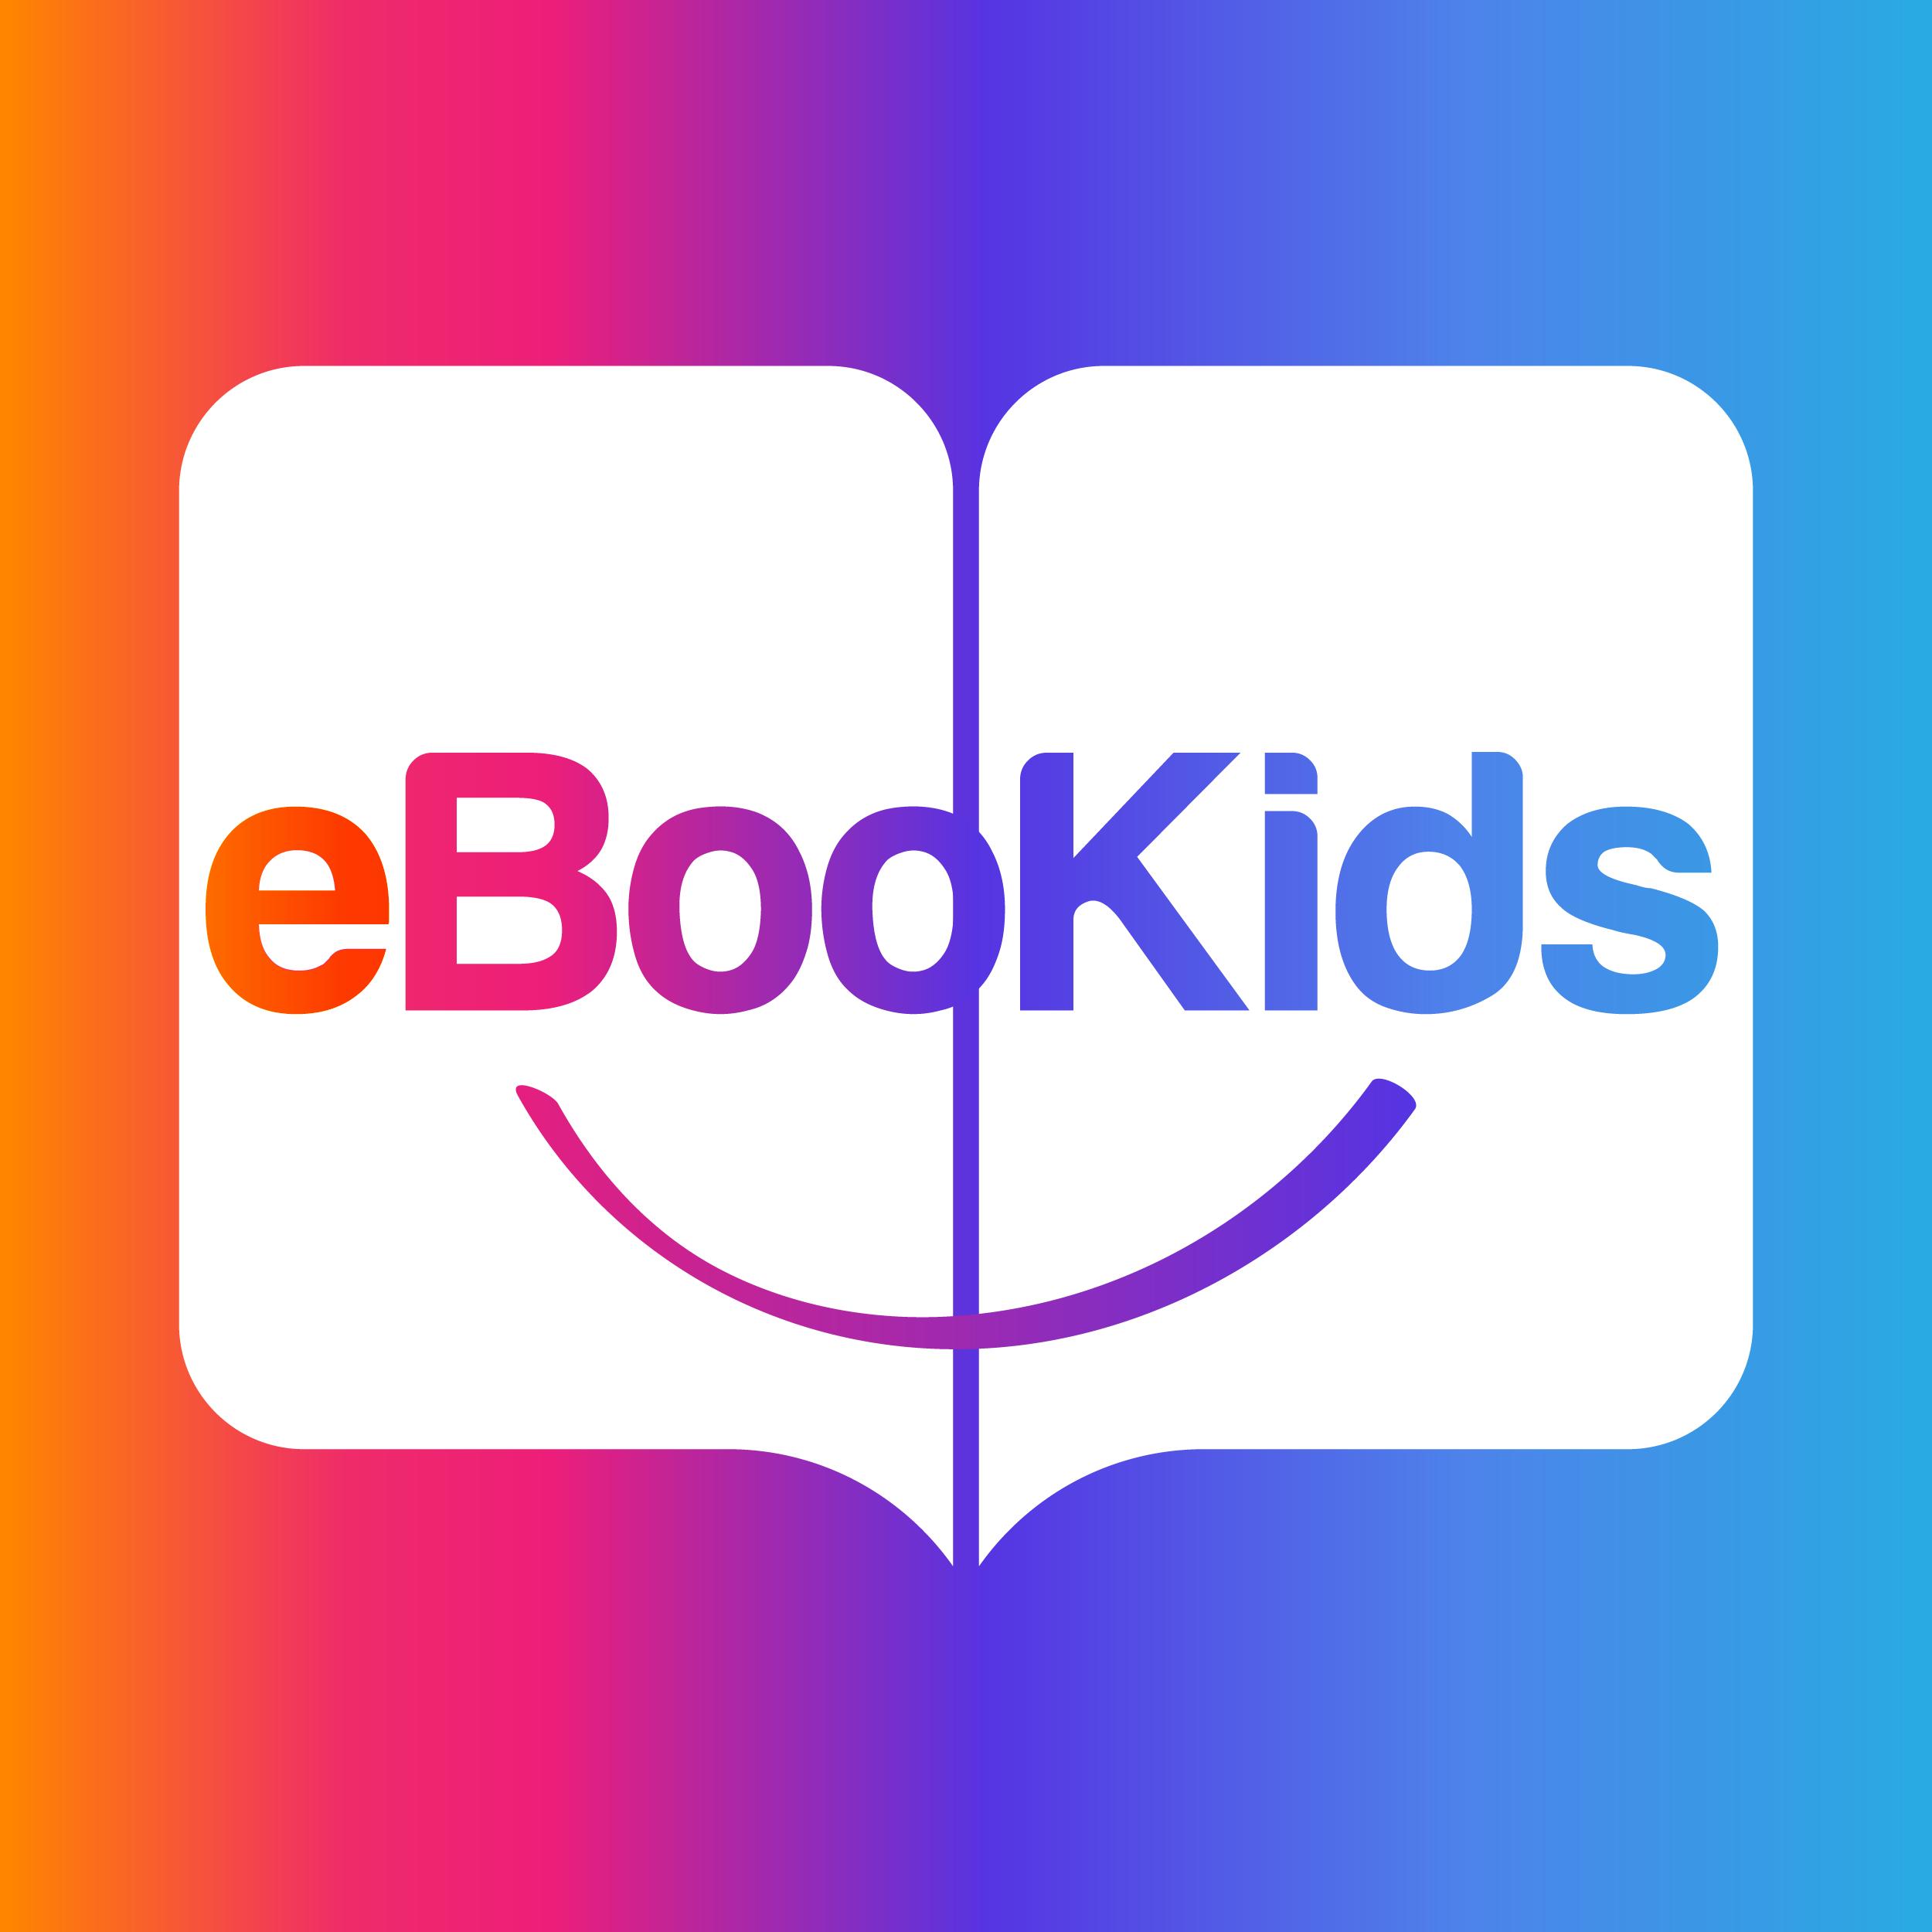 Plus De 1400 Livres Pour Enfants   Livres Enfants Ebook intérieur Jeux Enfant 3 Ans En Ligne